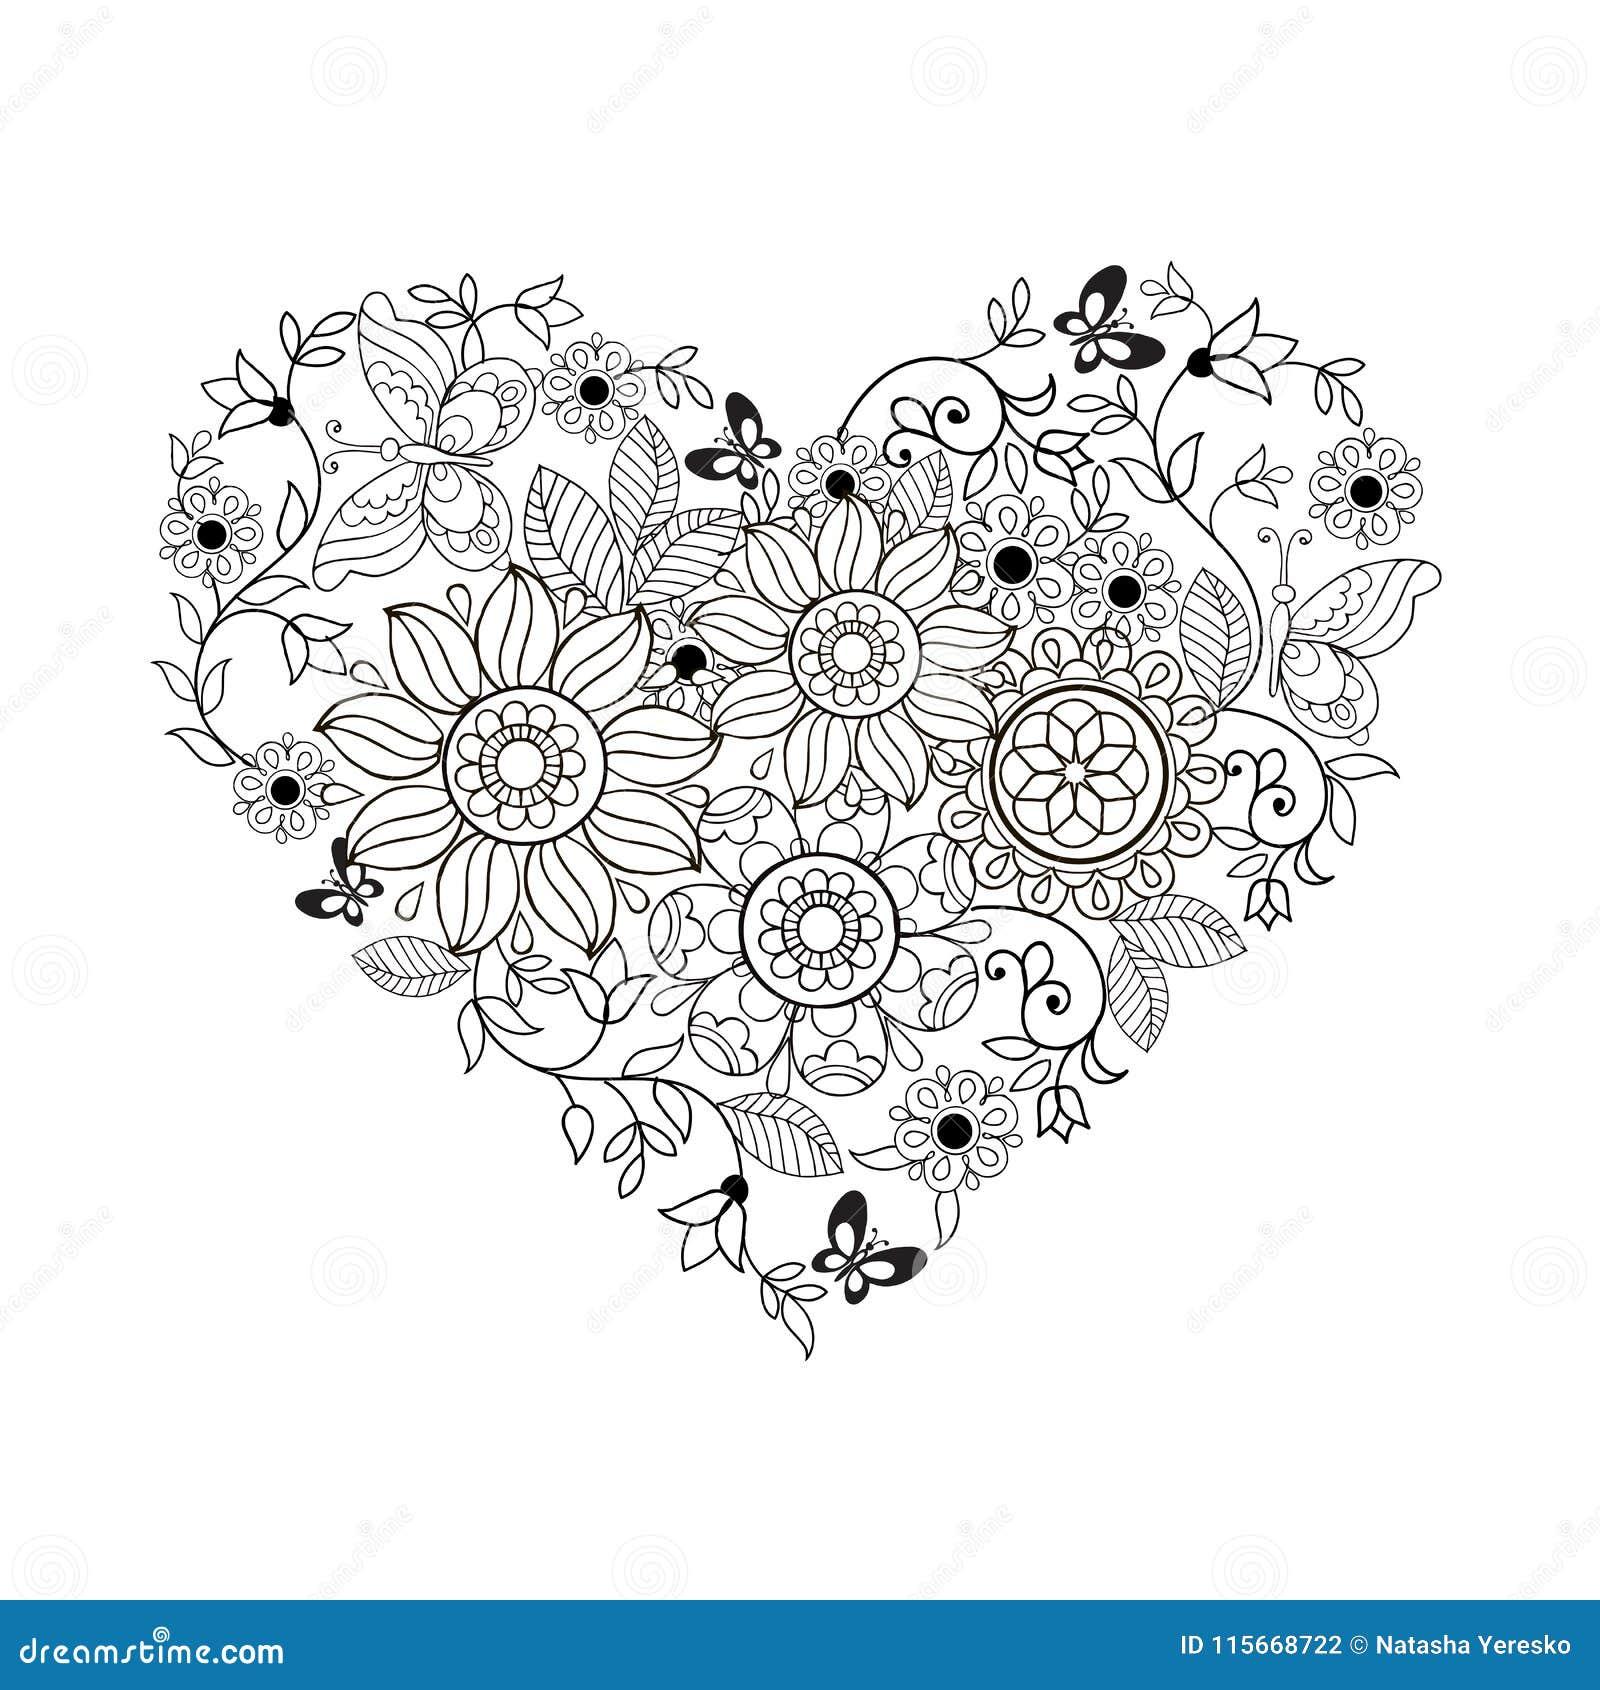 Coloriage Adulte Coeur.Coeur Des Fleurs Et Des Papillons Pour Livres De Coloriage Pour Des